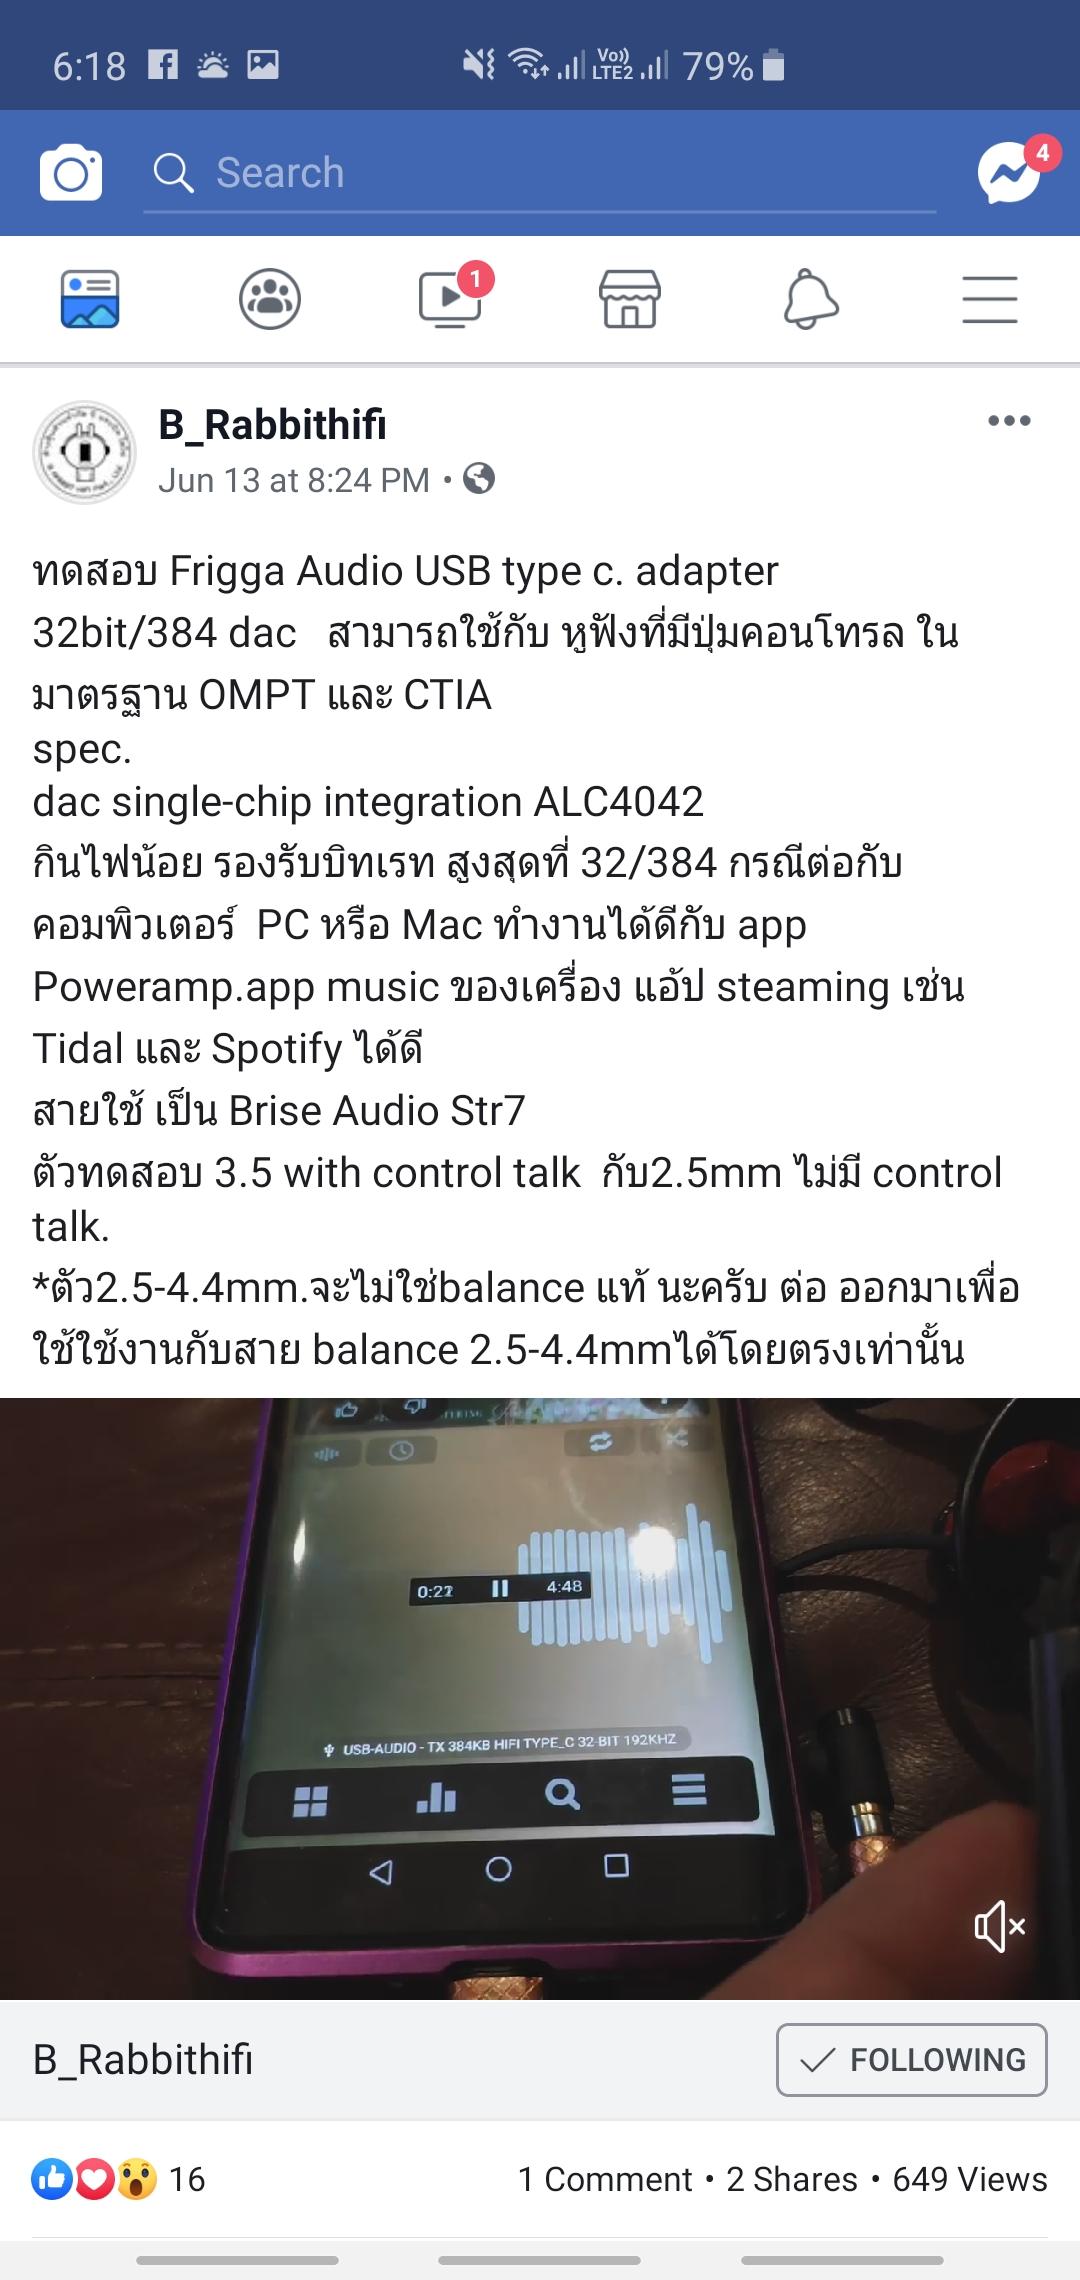 Screenshot_20190616-181849_Facebook.jpg